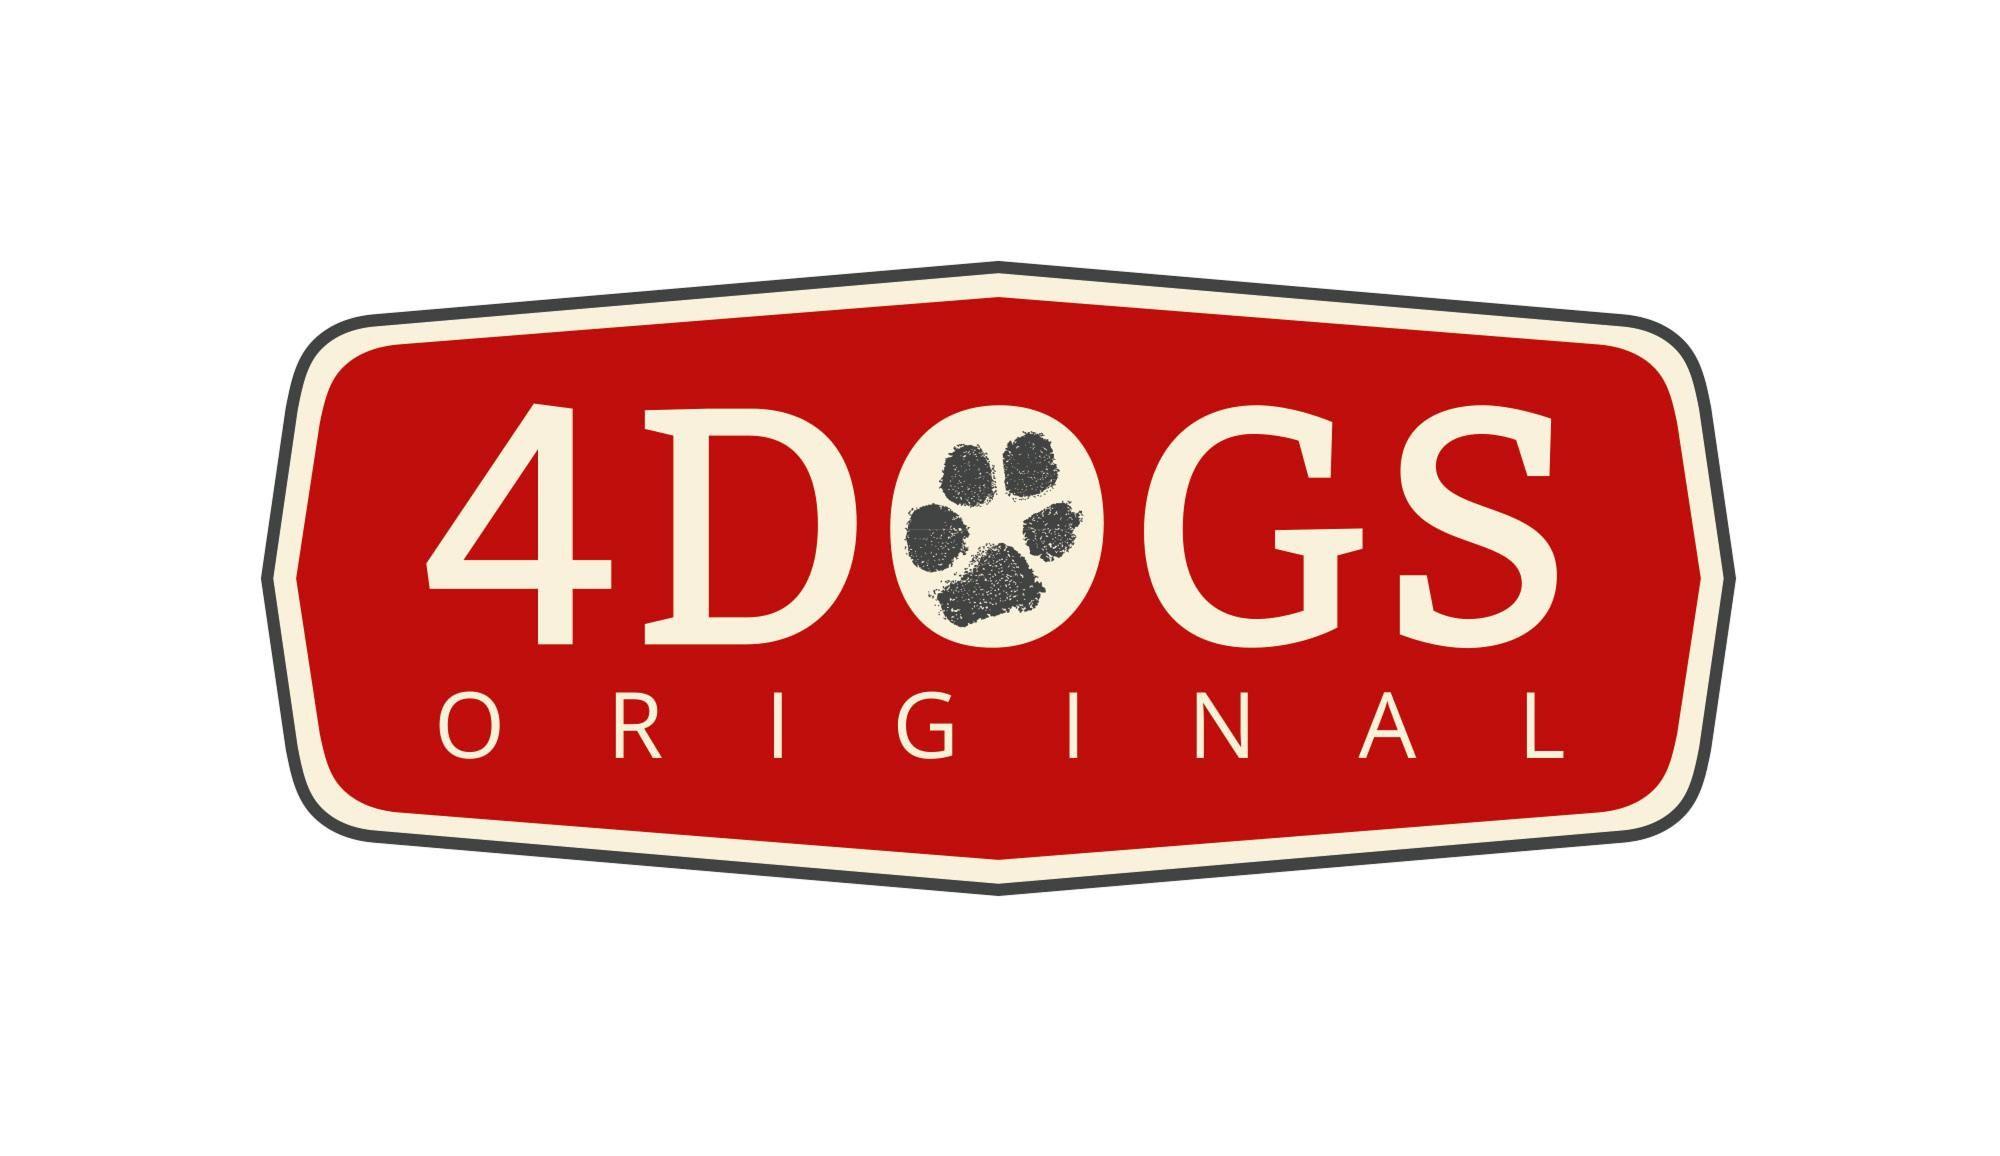 4Dogs Original